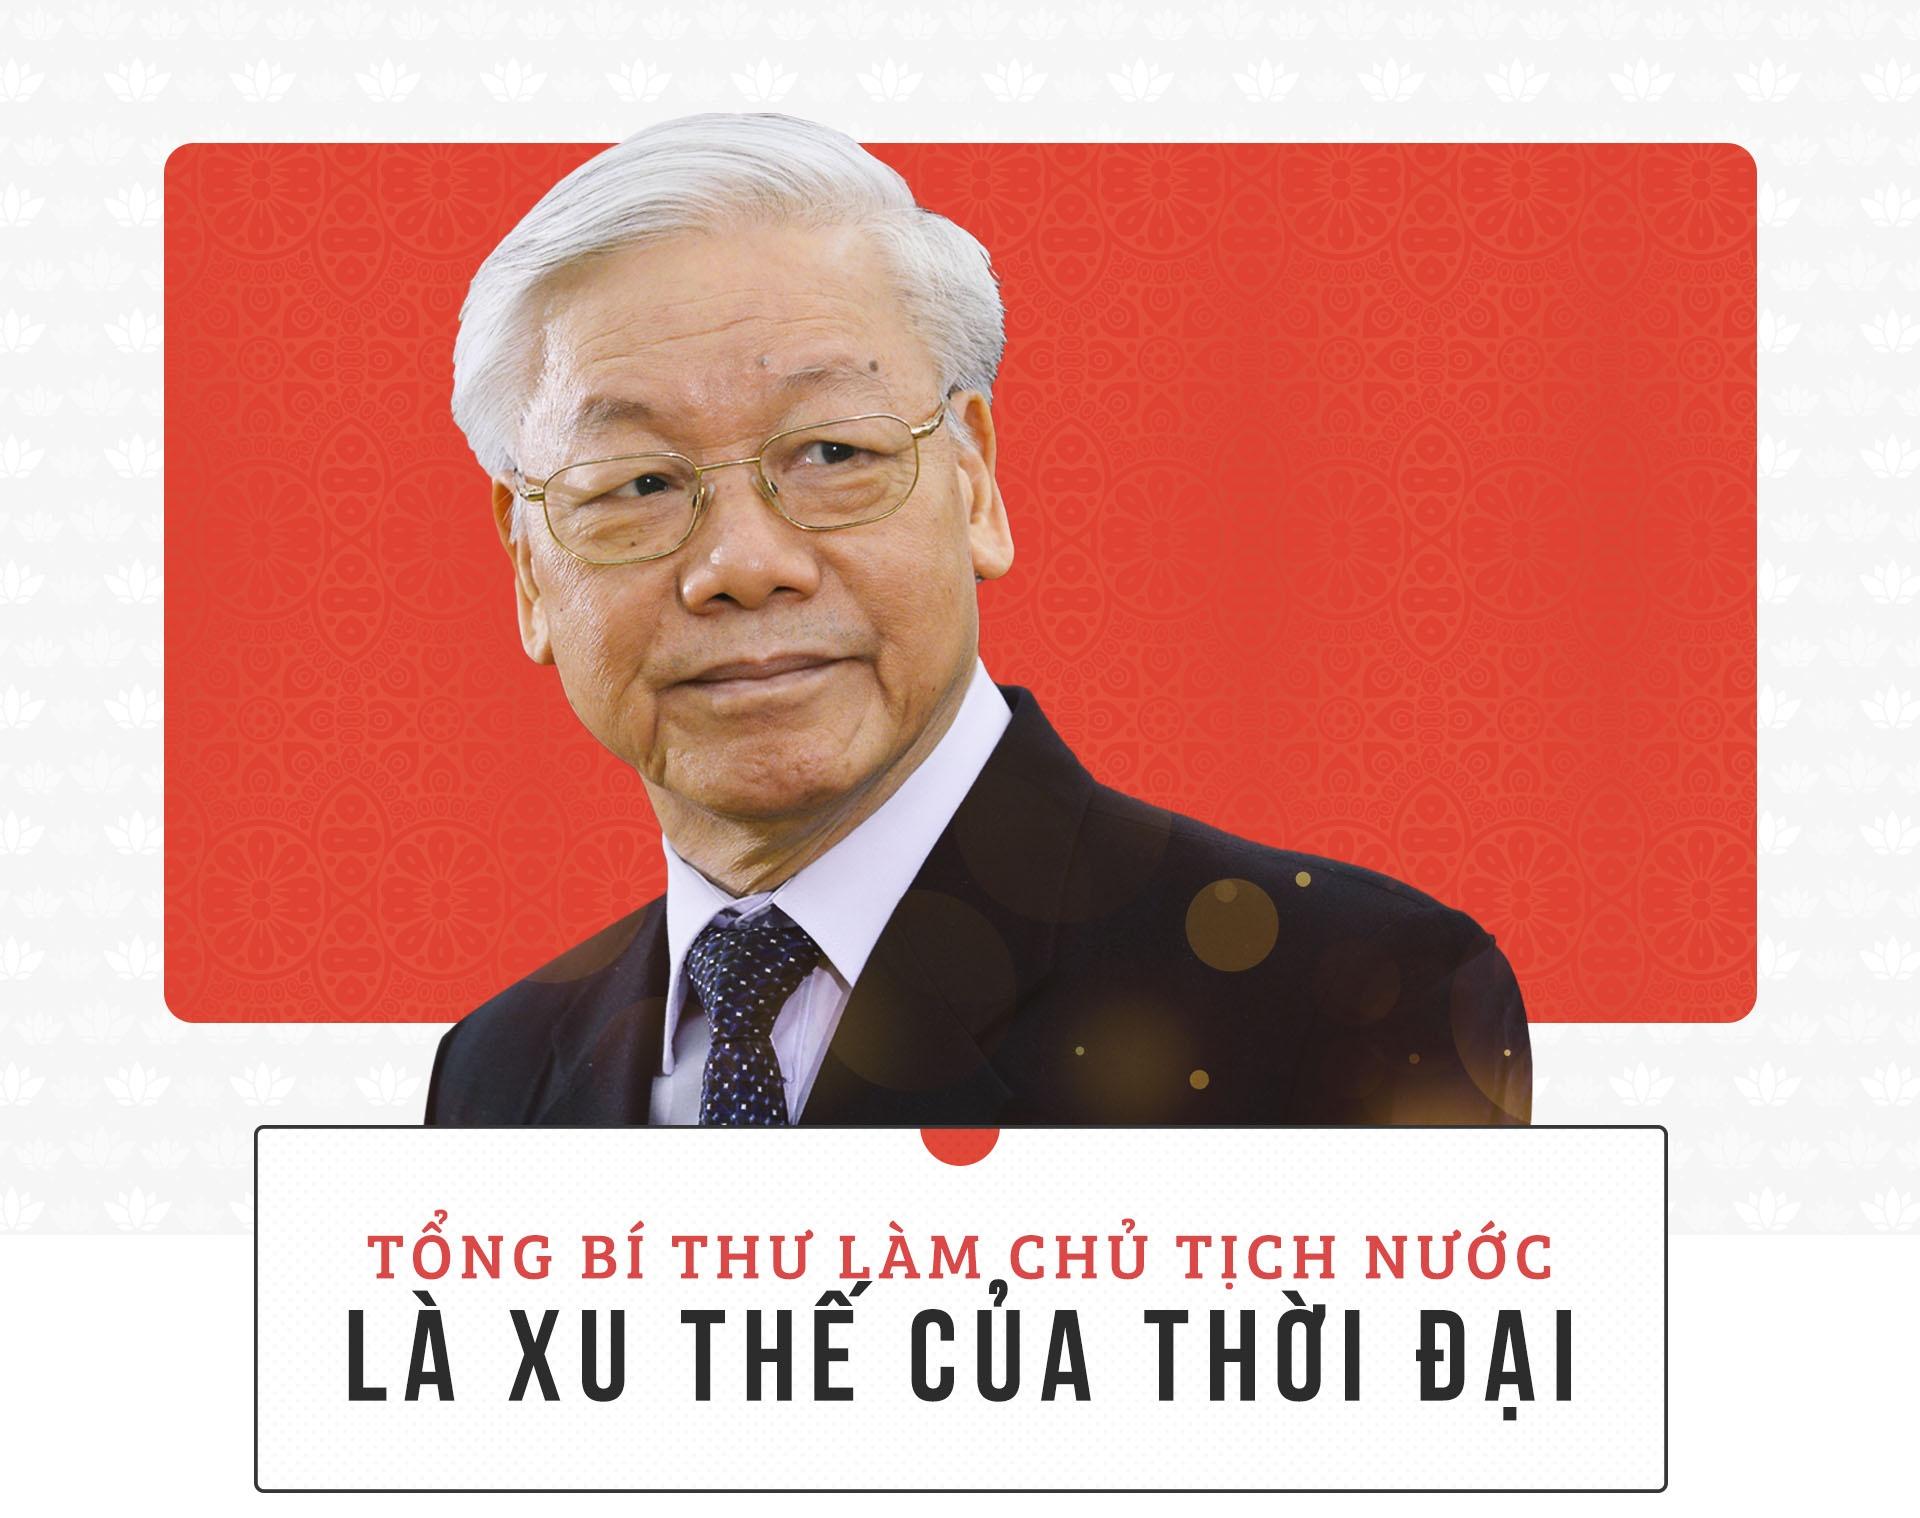 'Tong bi thu lam Chu tich nuoc la xu the cua thoi dai' hinh anh 2